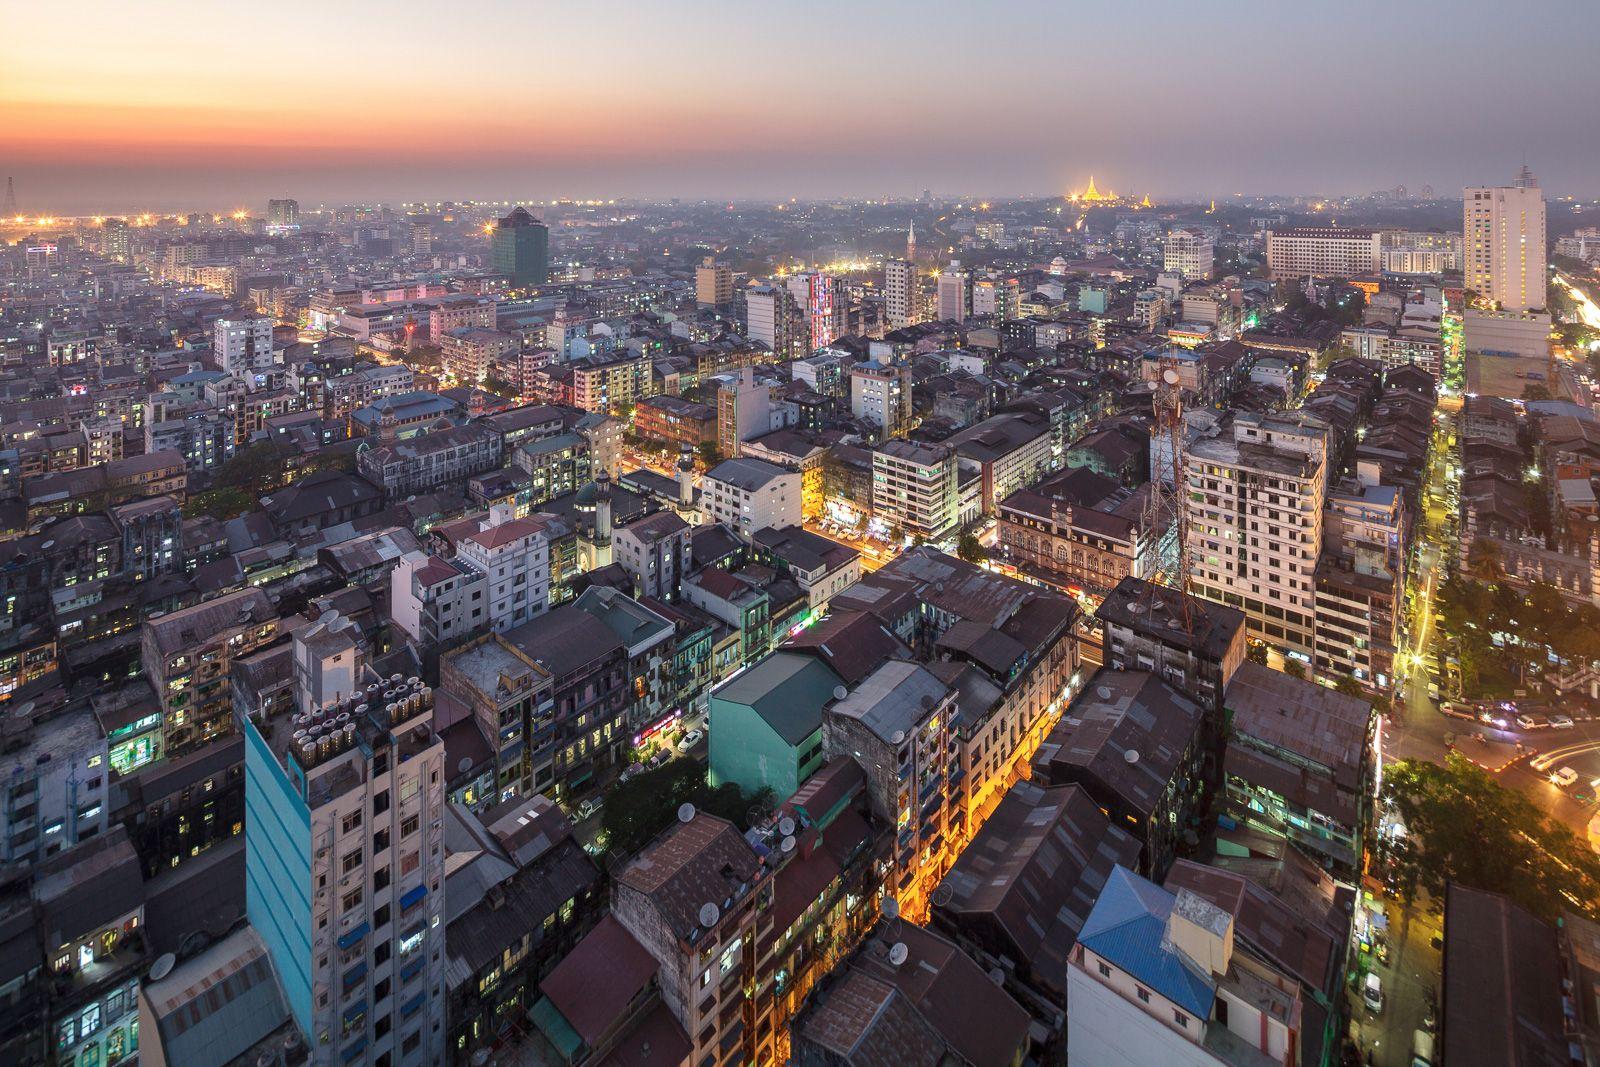 yangon_downtown_at_night